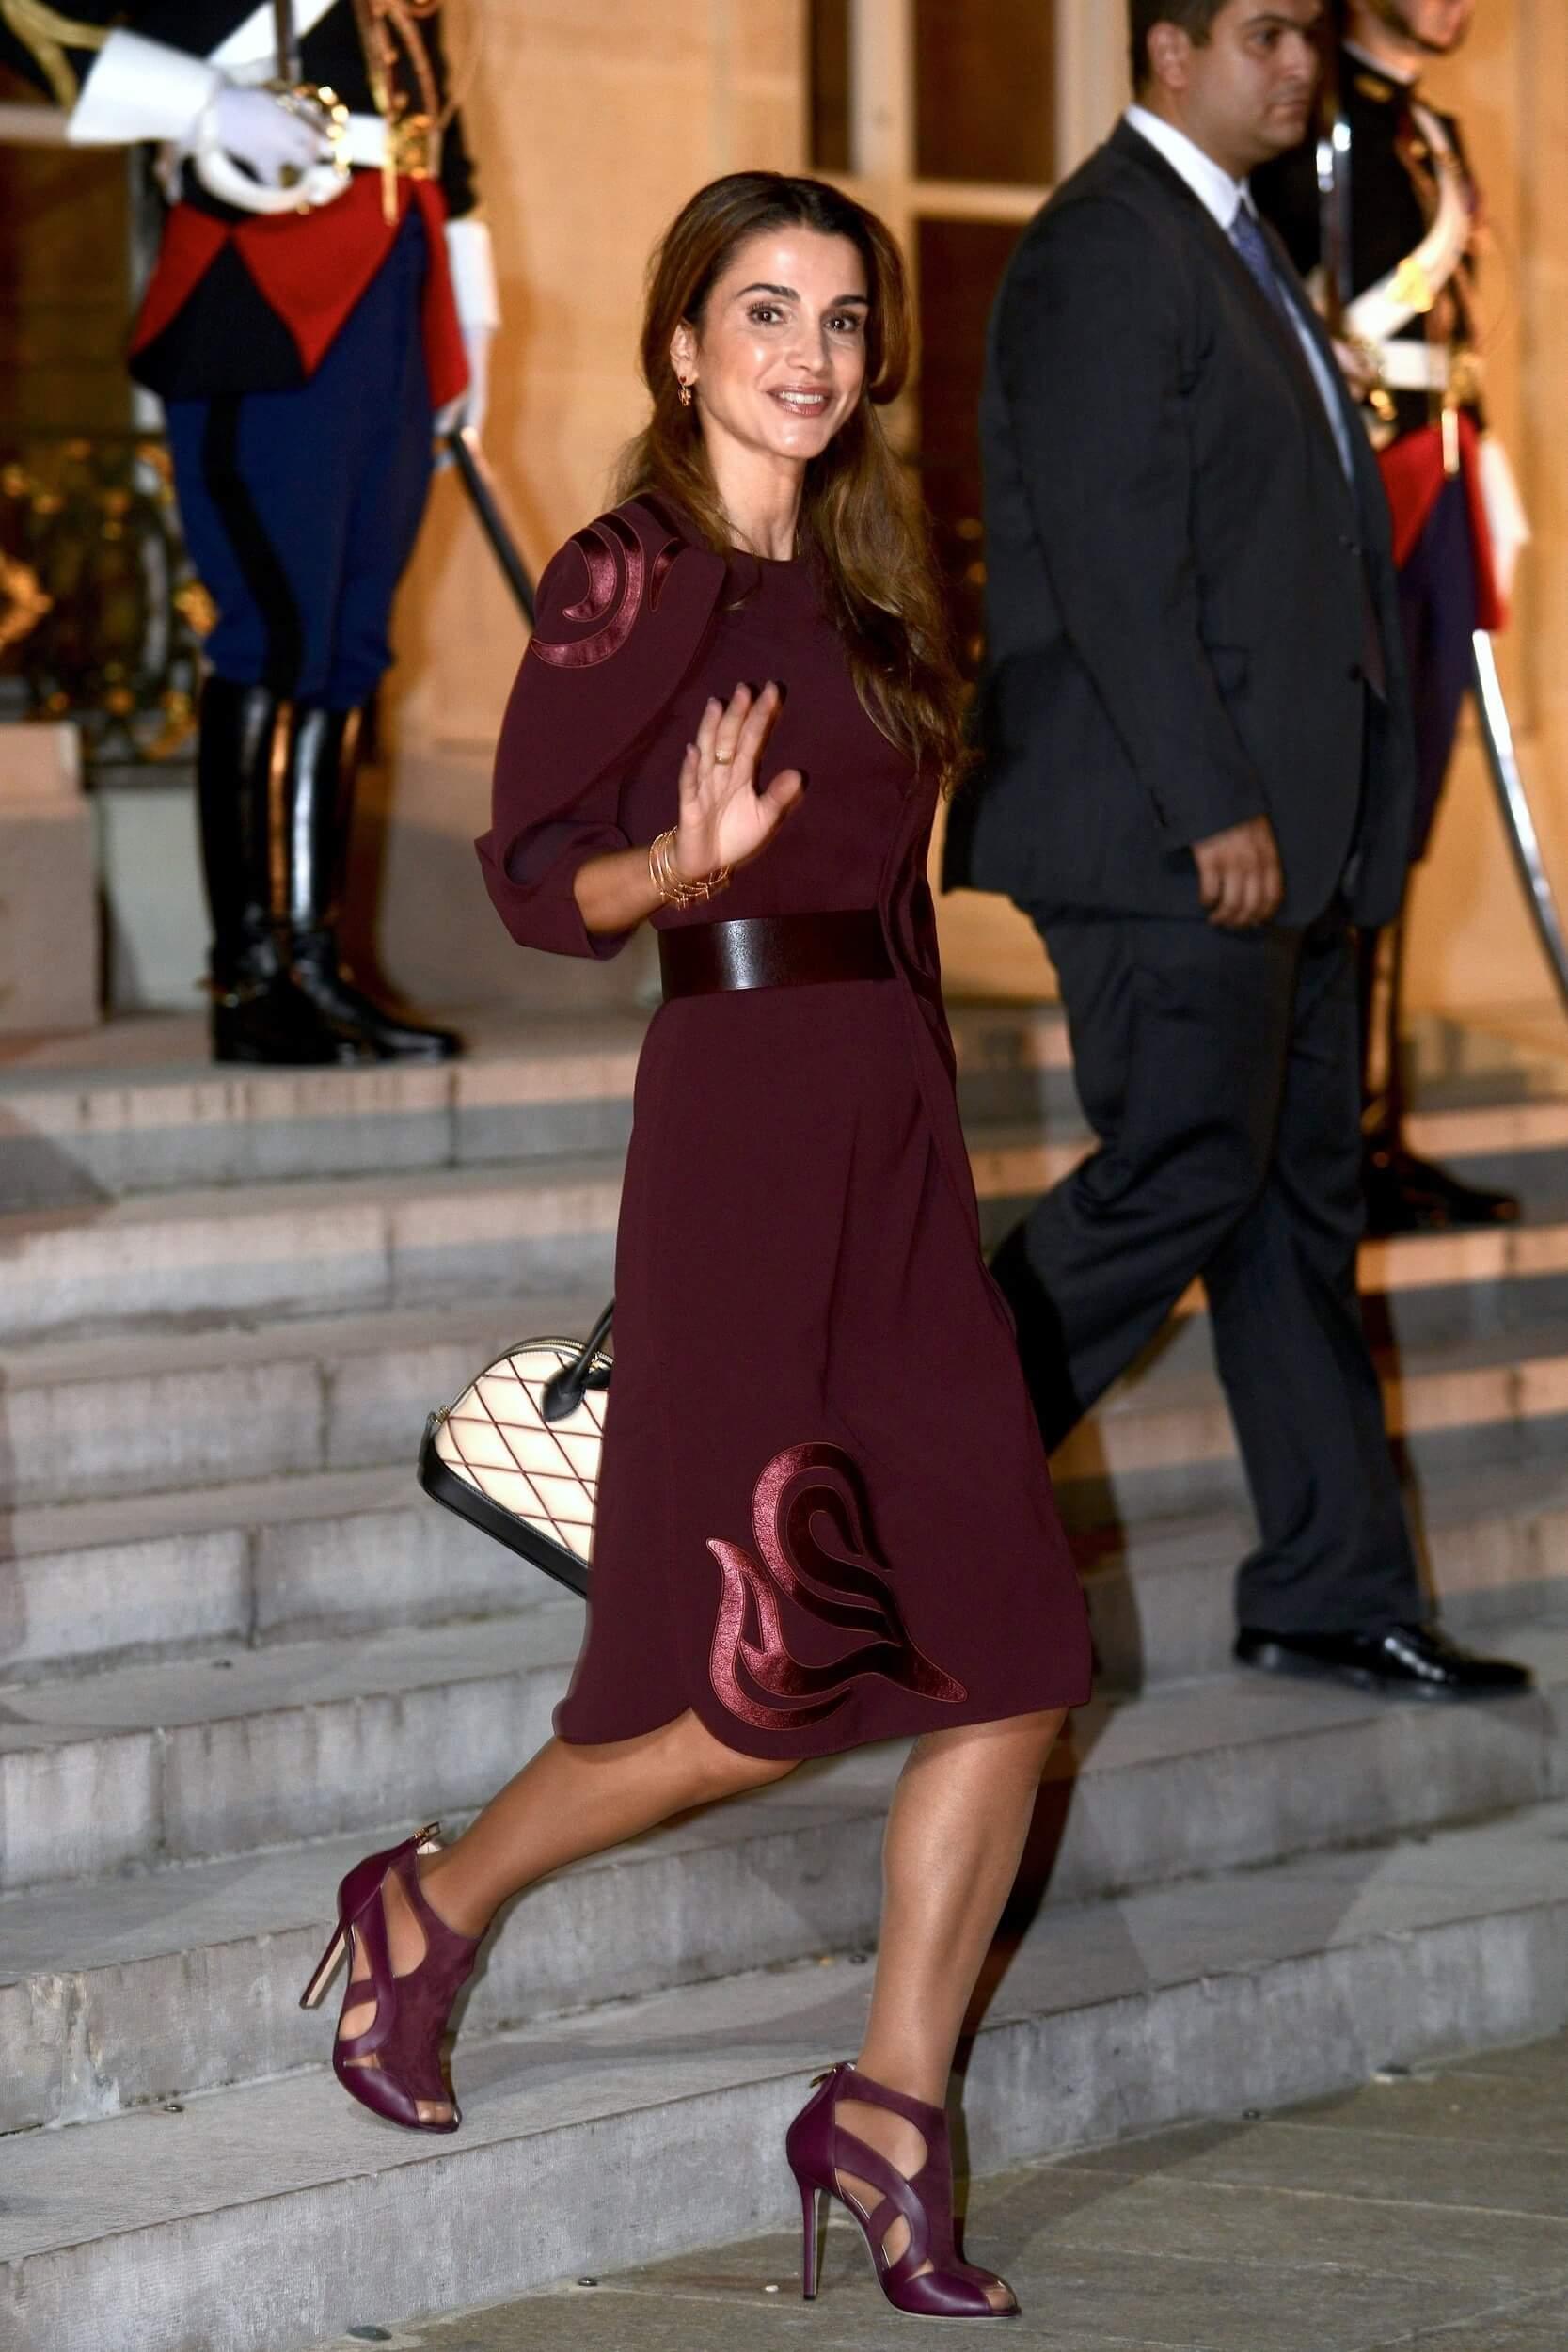 Queen Rania legs hot